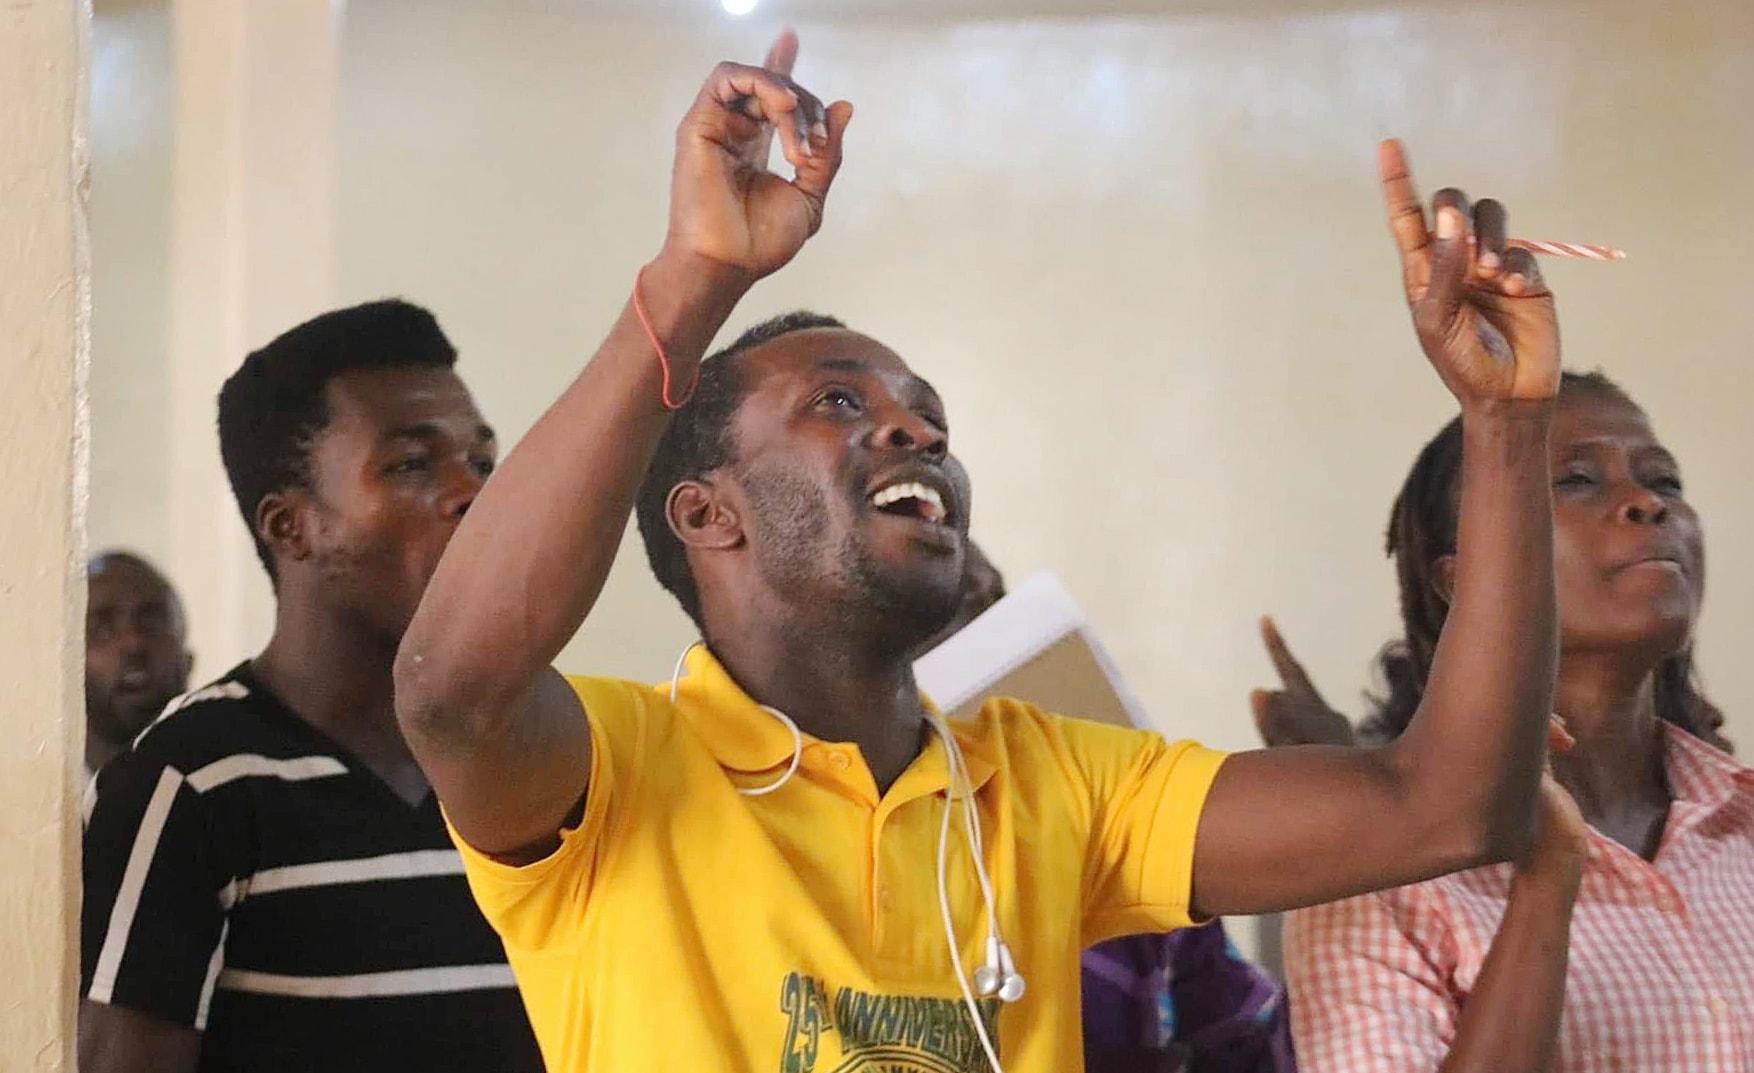 Os jovens cantam durante o Fórum da Próxima Geração em Monróvia, na Libéria. O evento de 22 de abril enfocou o futuro dos jovens na igreja. Foto de E Julu Swen, Notícias MU.